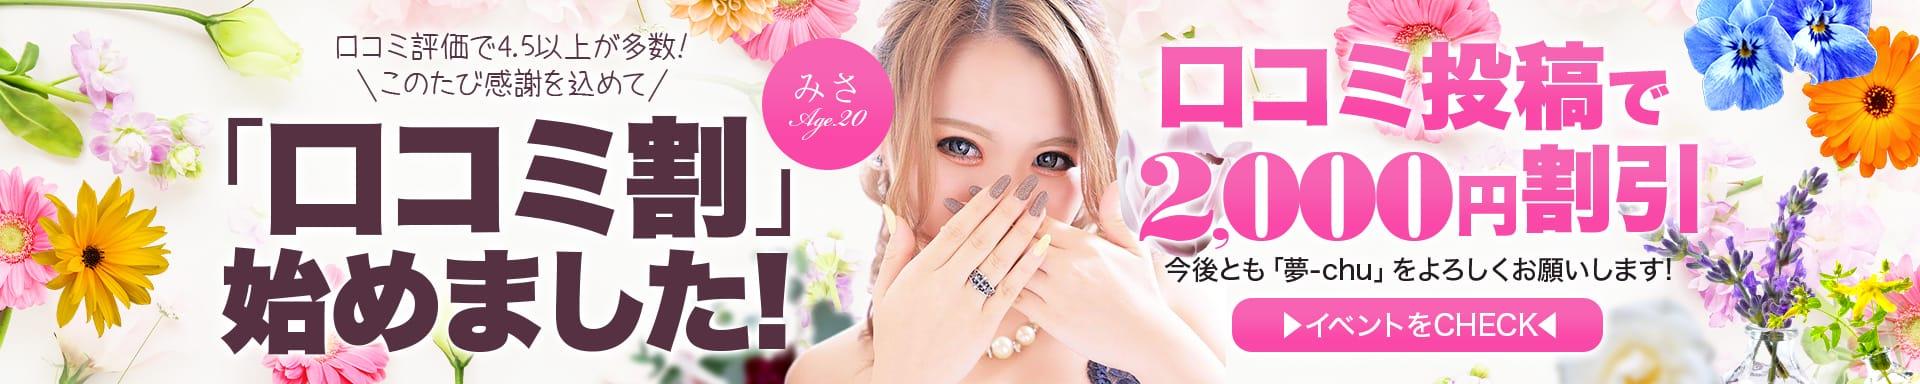 夢-chu その2